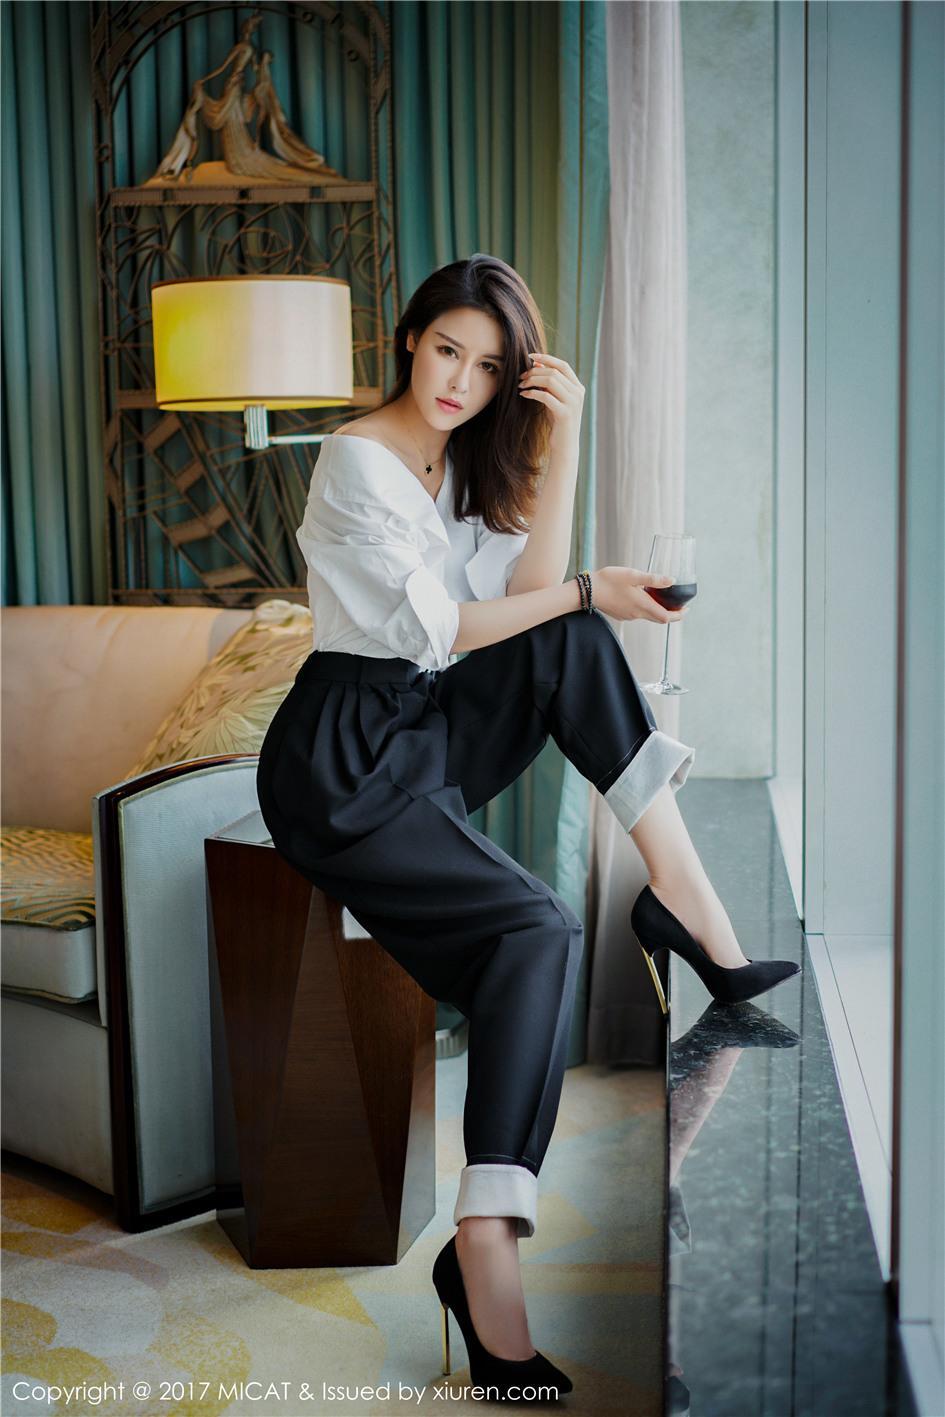 【猫萌榜】【叶佳颐】 极品气质ol美女叶佳颐酒店迷人美腿写真 Vol.030【22P】 X丝玉足